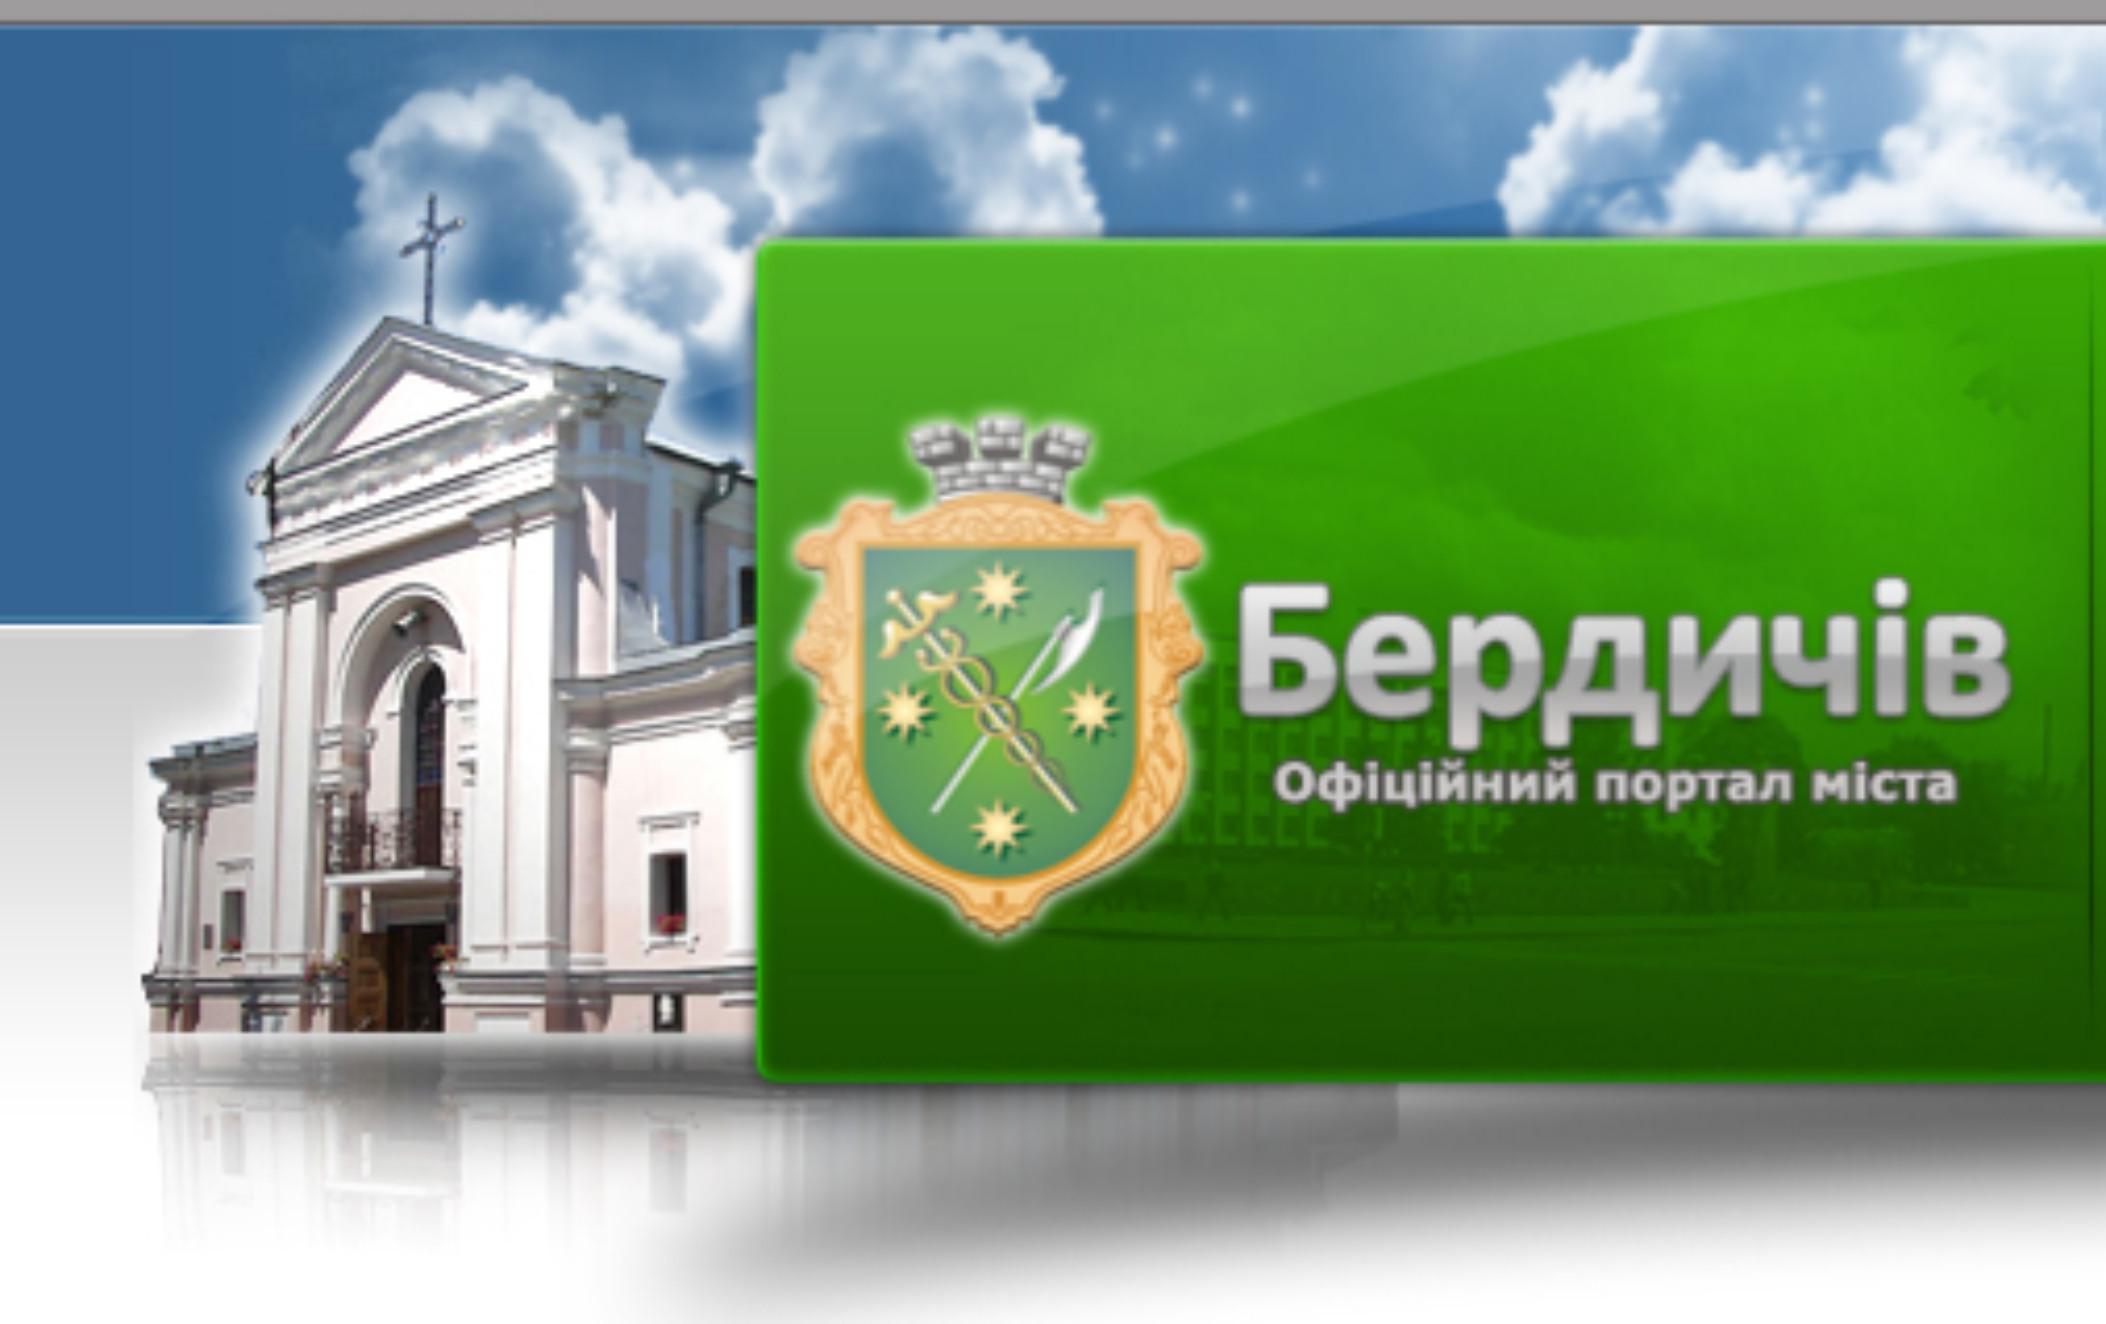 Стало відомо, коли відбудеться чергова сесія Бердичівської міської ради ПОРЯДОК ДЕННИЙ